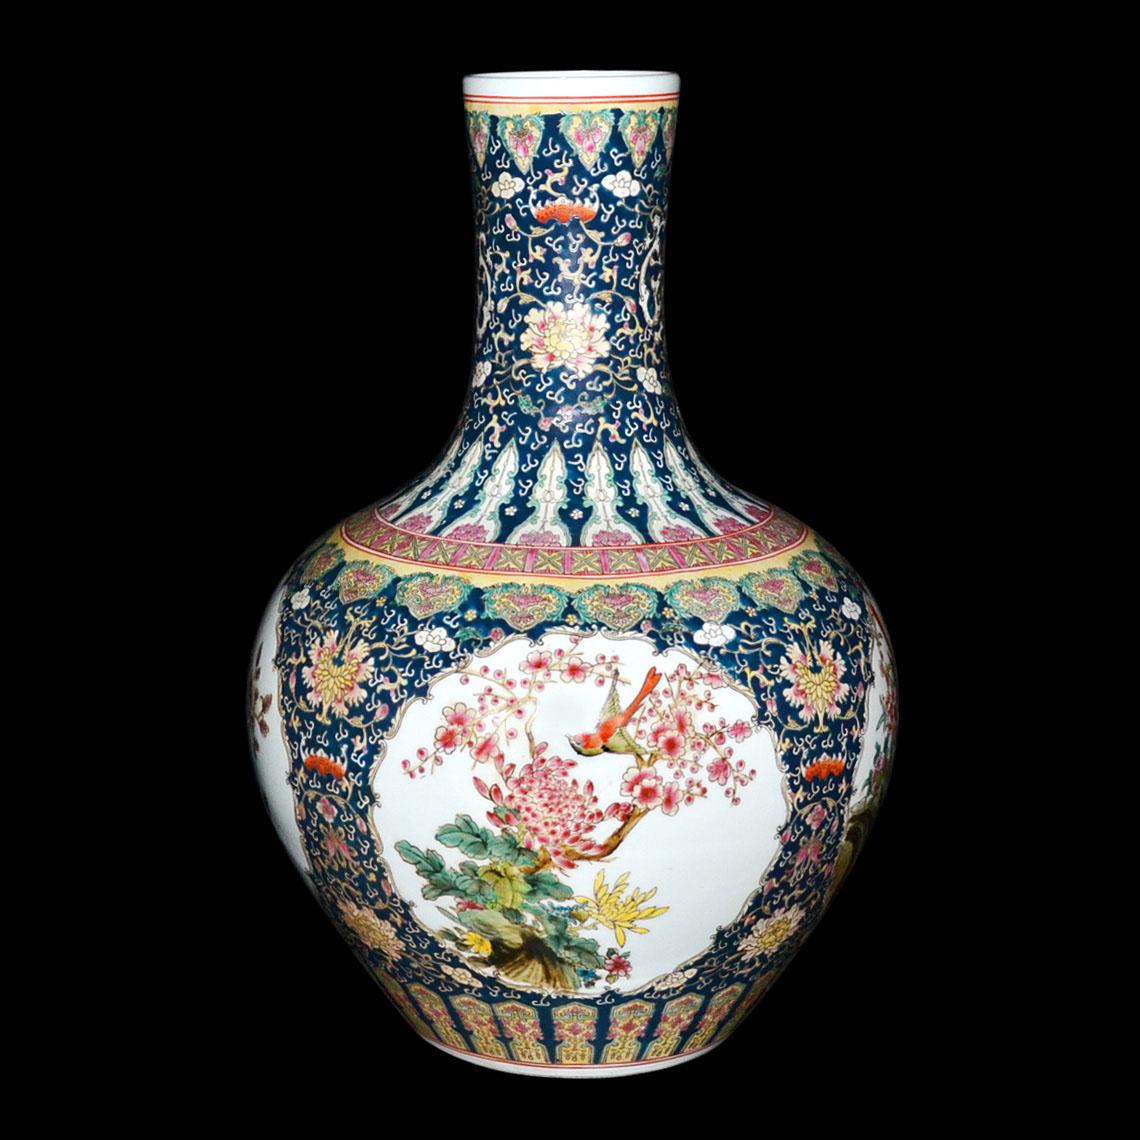 Gianguan's Sept. 17 Asian Art Auction features premier paintings, ceramics, bronzes, jades